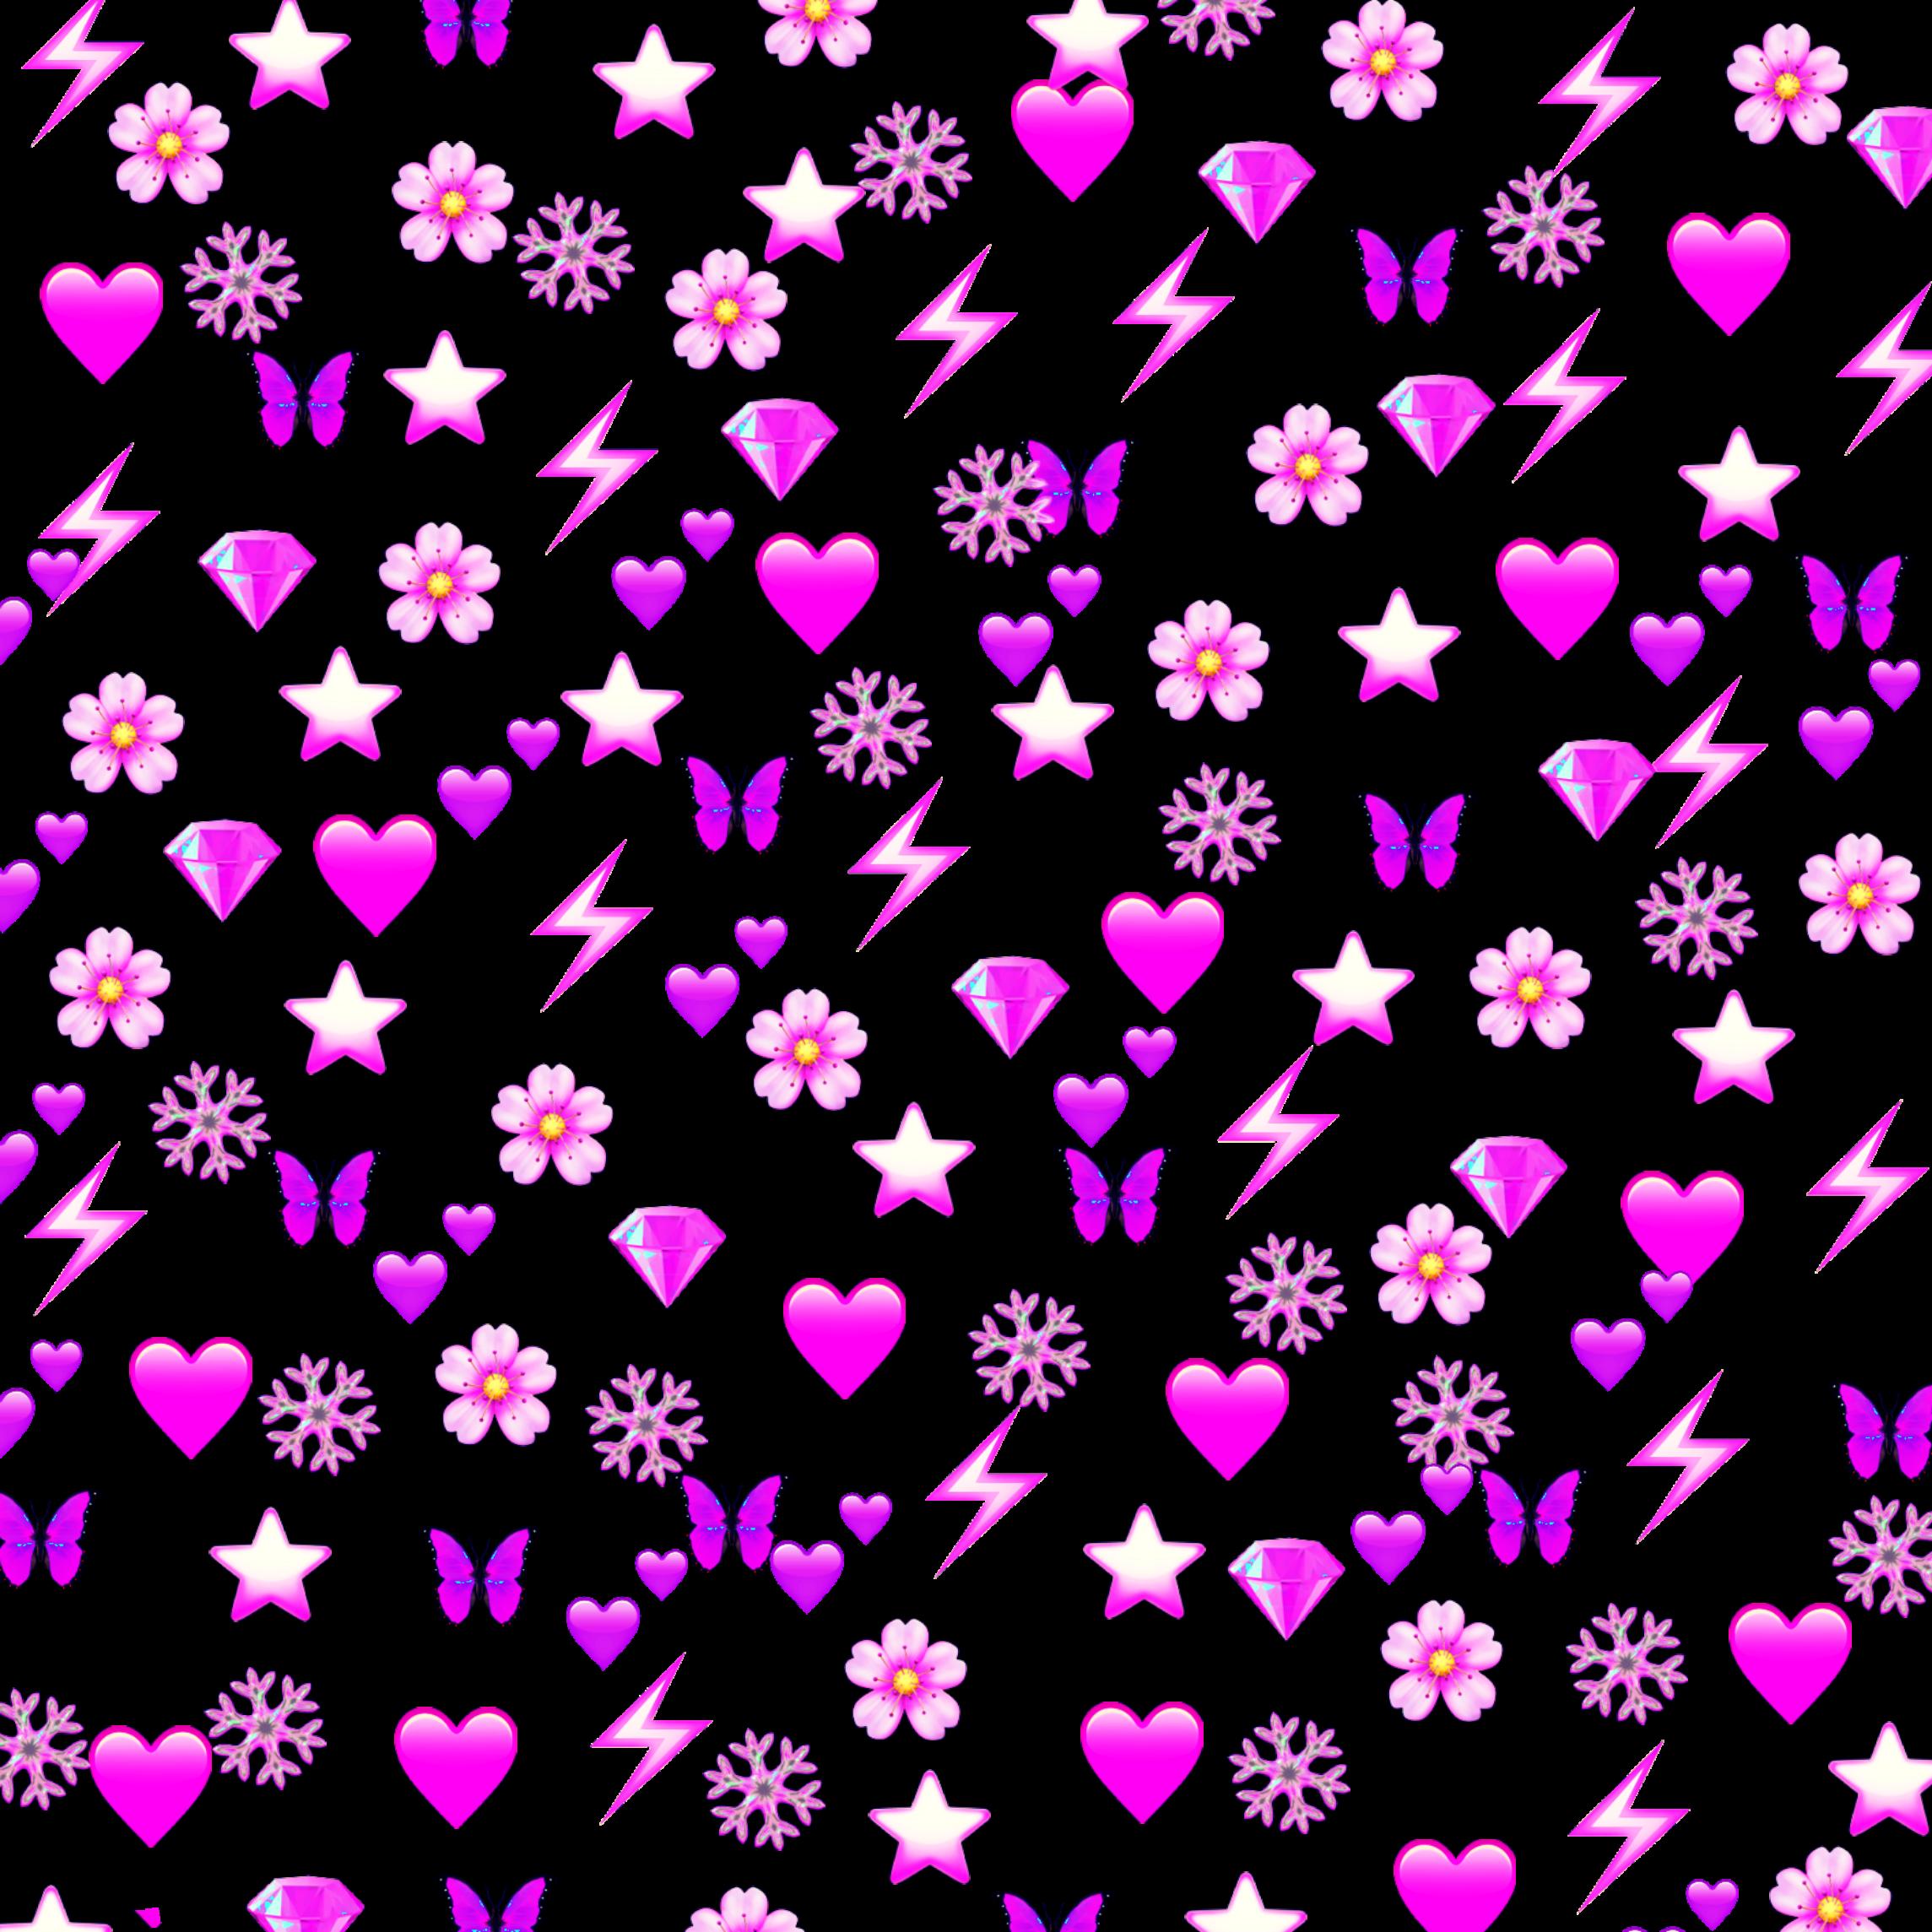 heart hearts pink emoji emojis sticker butterfly butter...